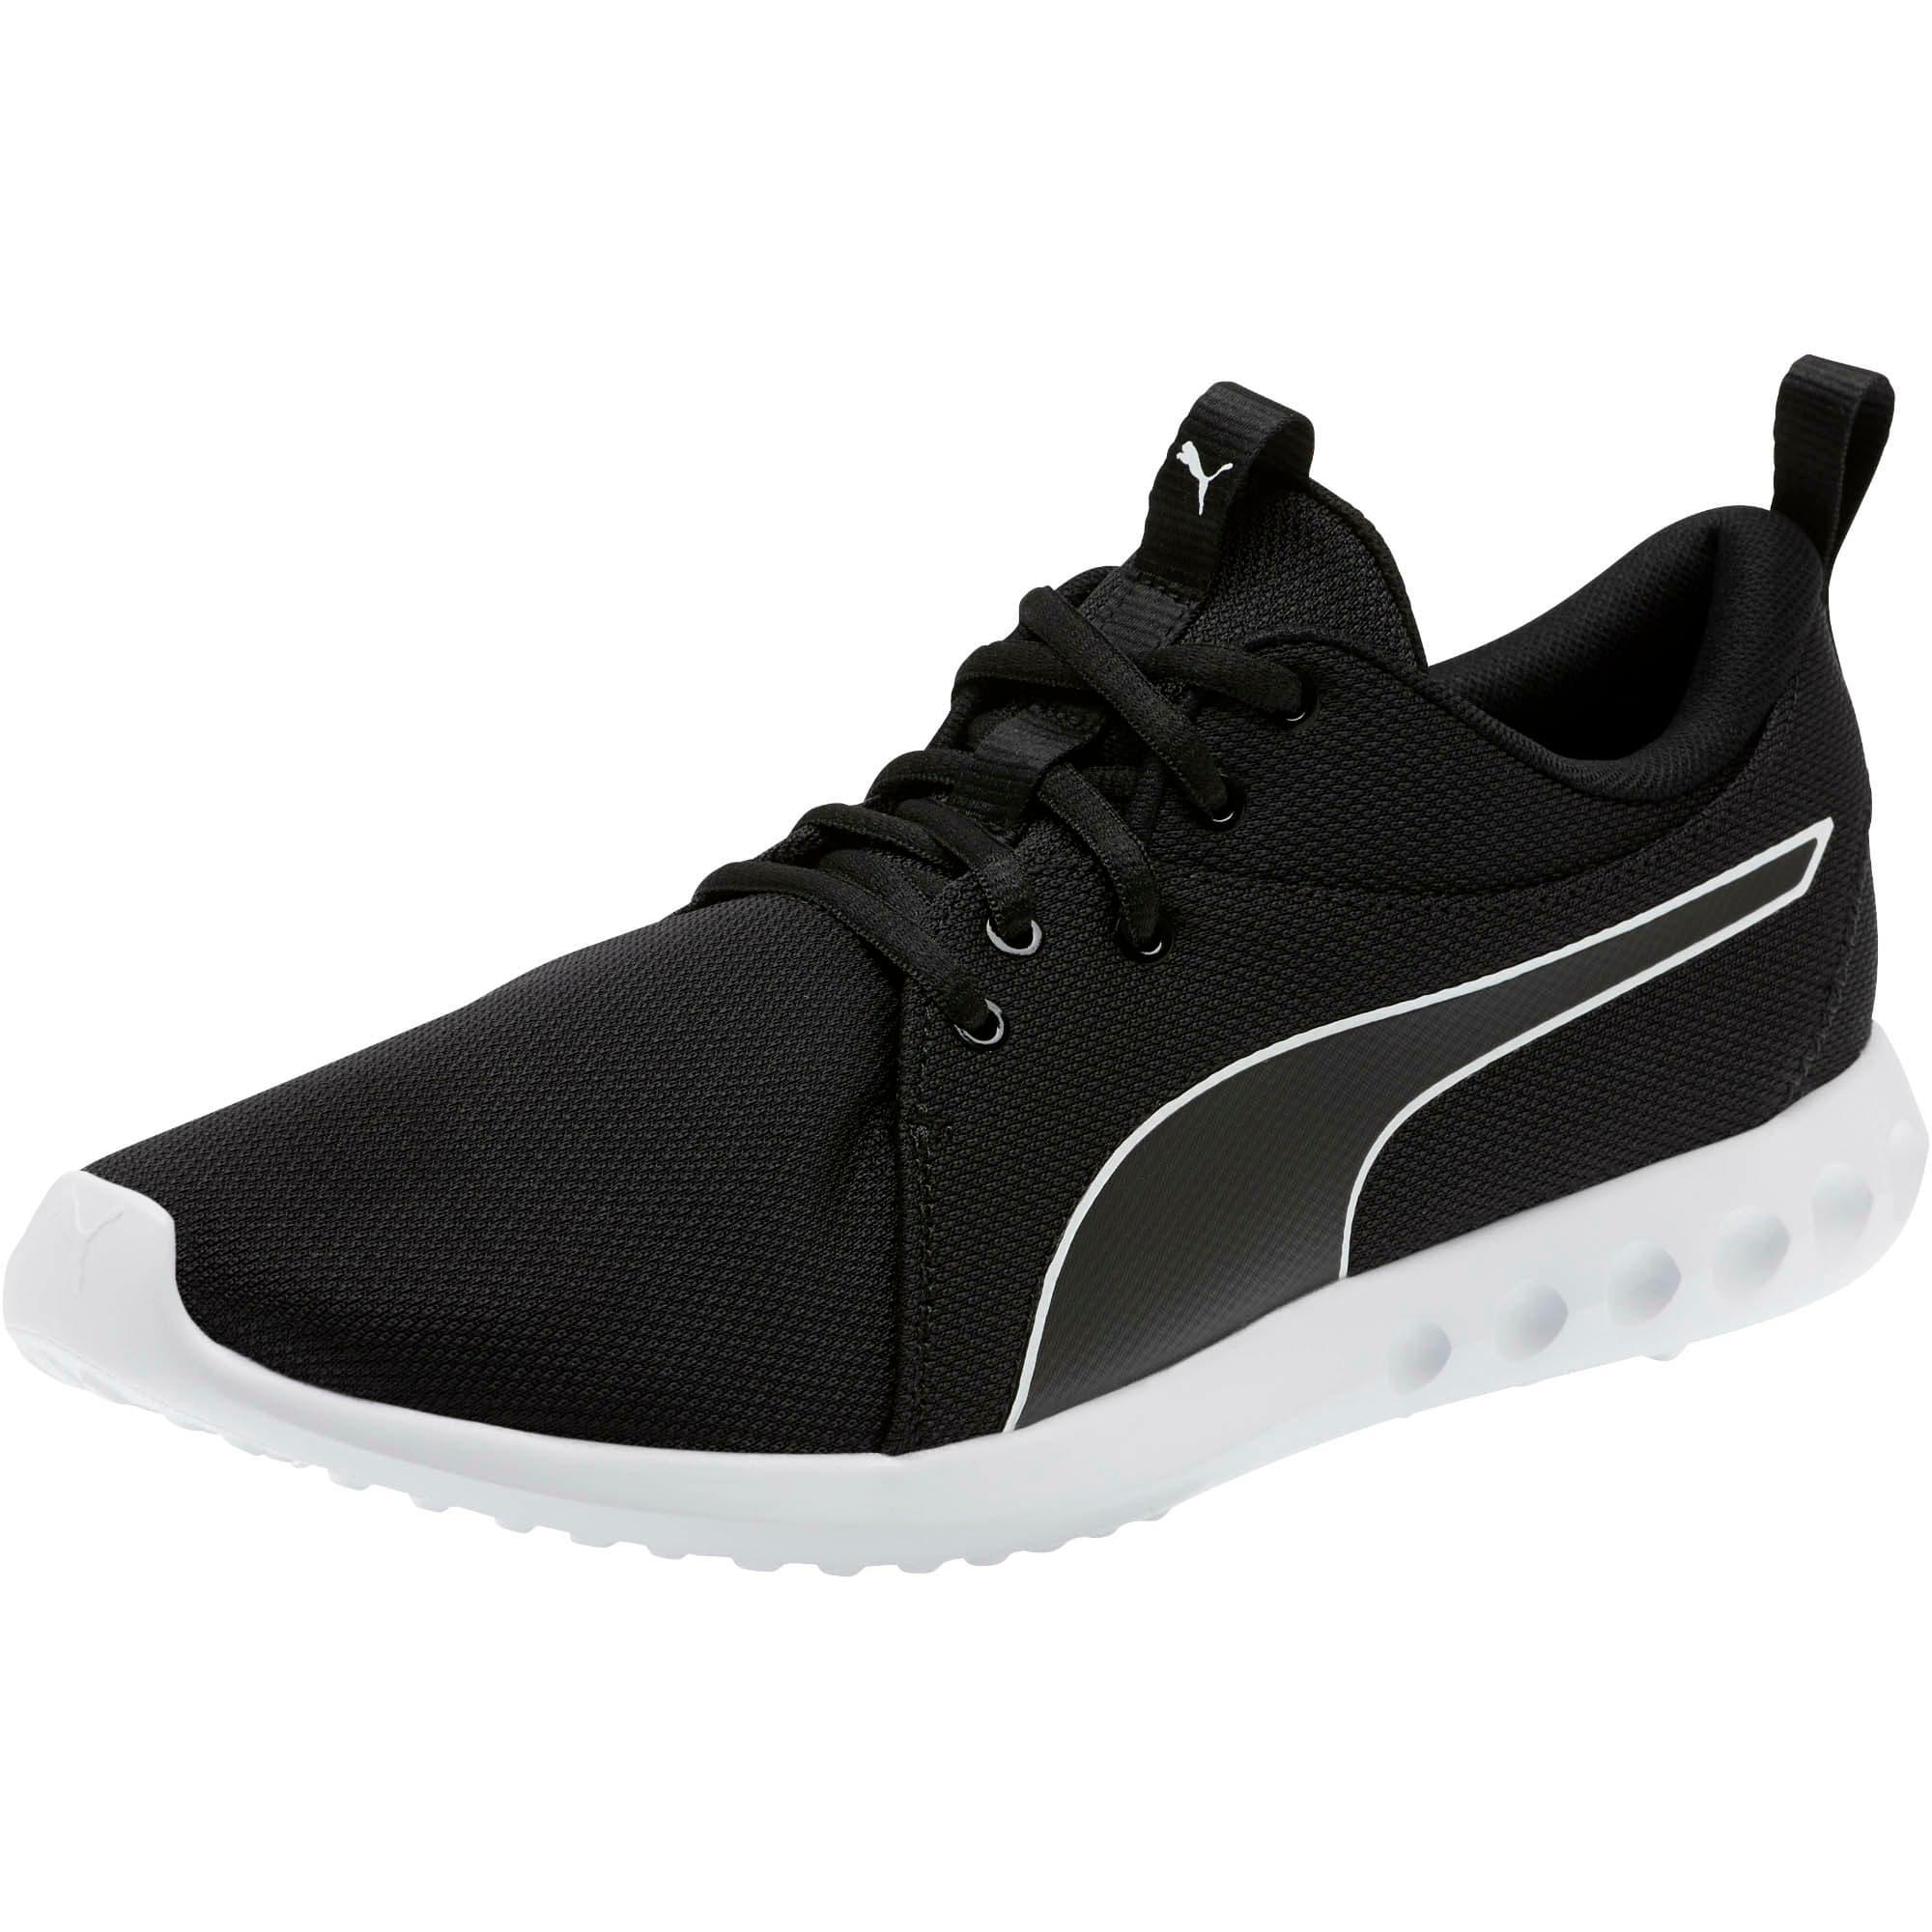 Miniatura 1 de Zapatos para correr Carson 2 Cosmo para hombre, Puma Black-Puma White, mediano